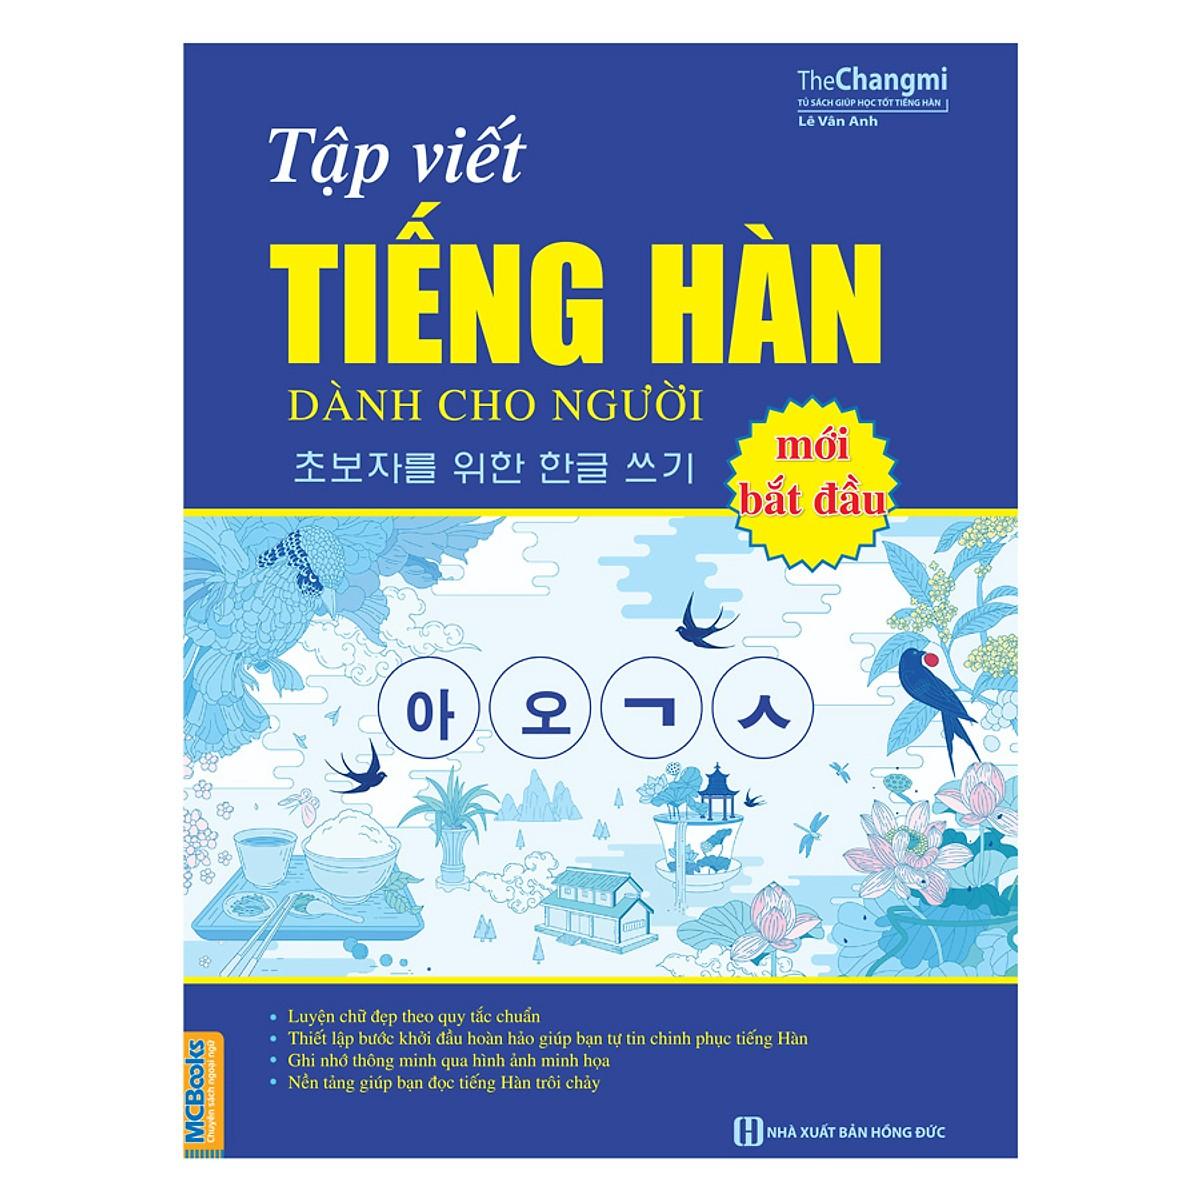 Tập Viết Tiếng Hàn Dành Cho Người Mới Bắt Đầu( tặng kèm bookmark ngẫu nhiên)